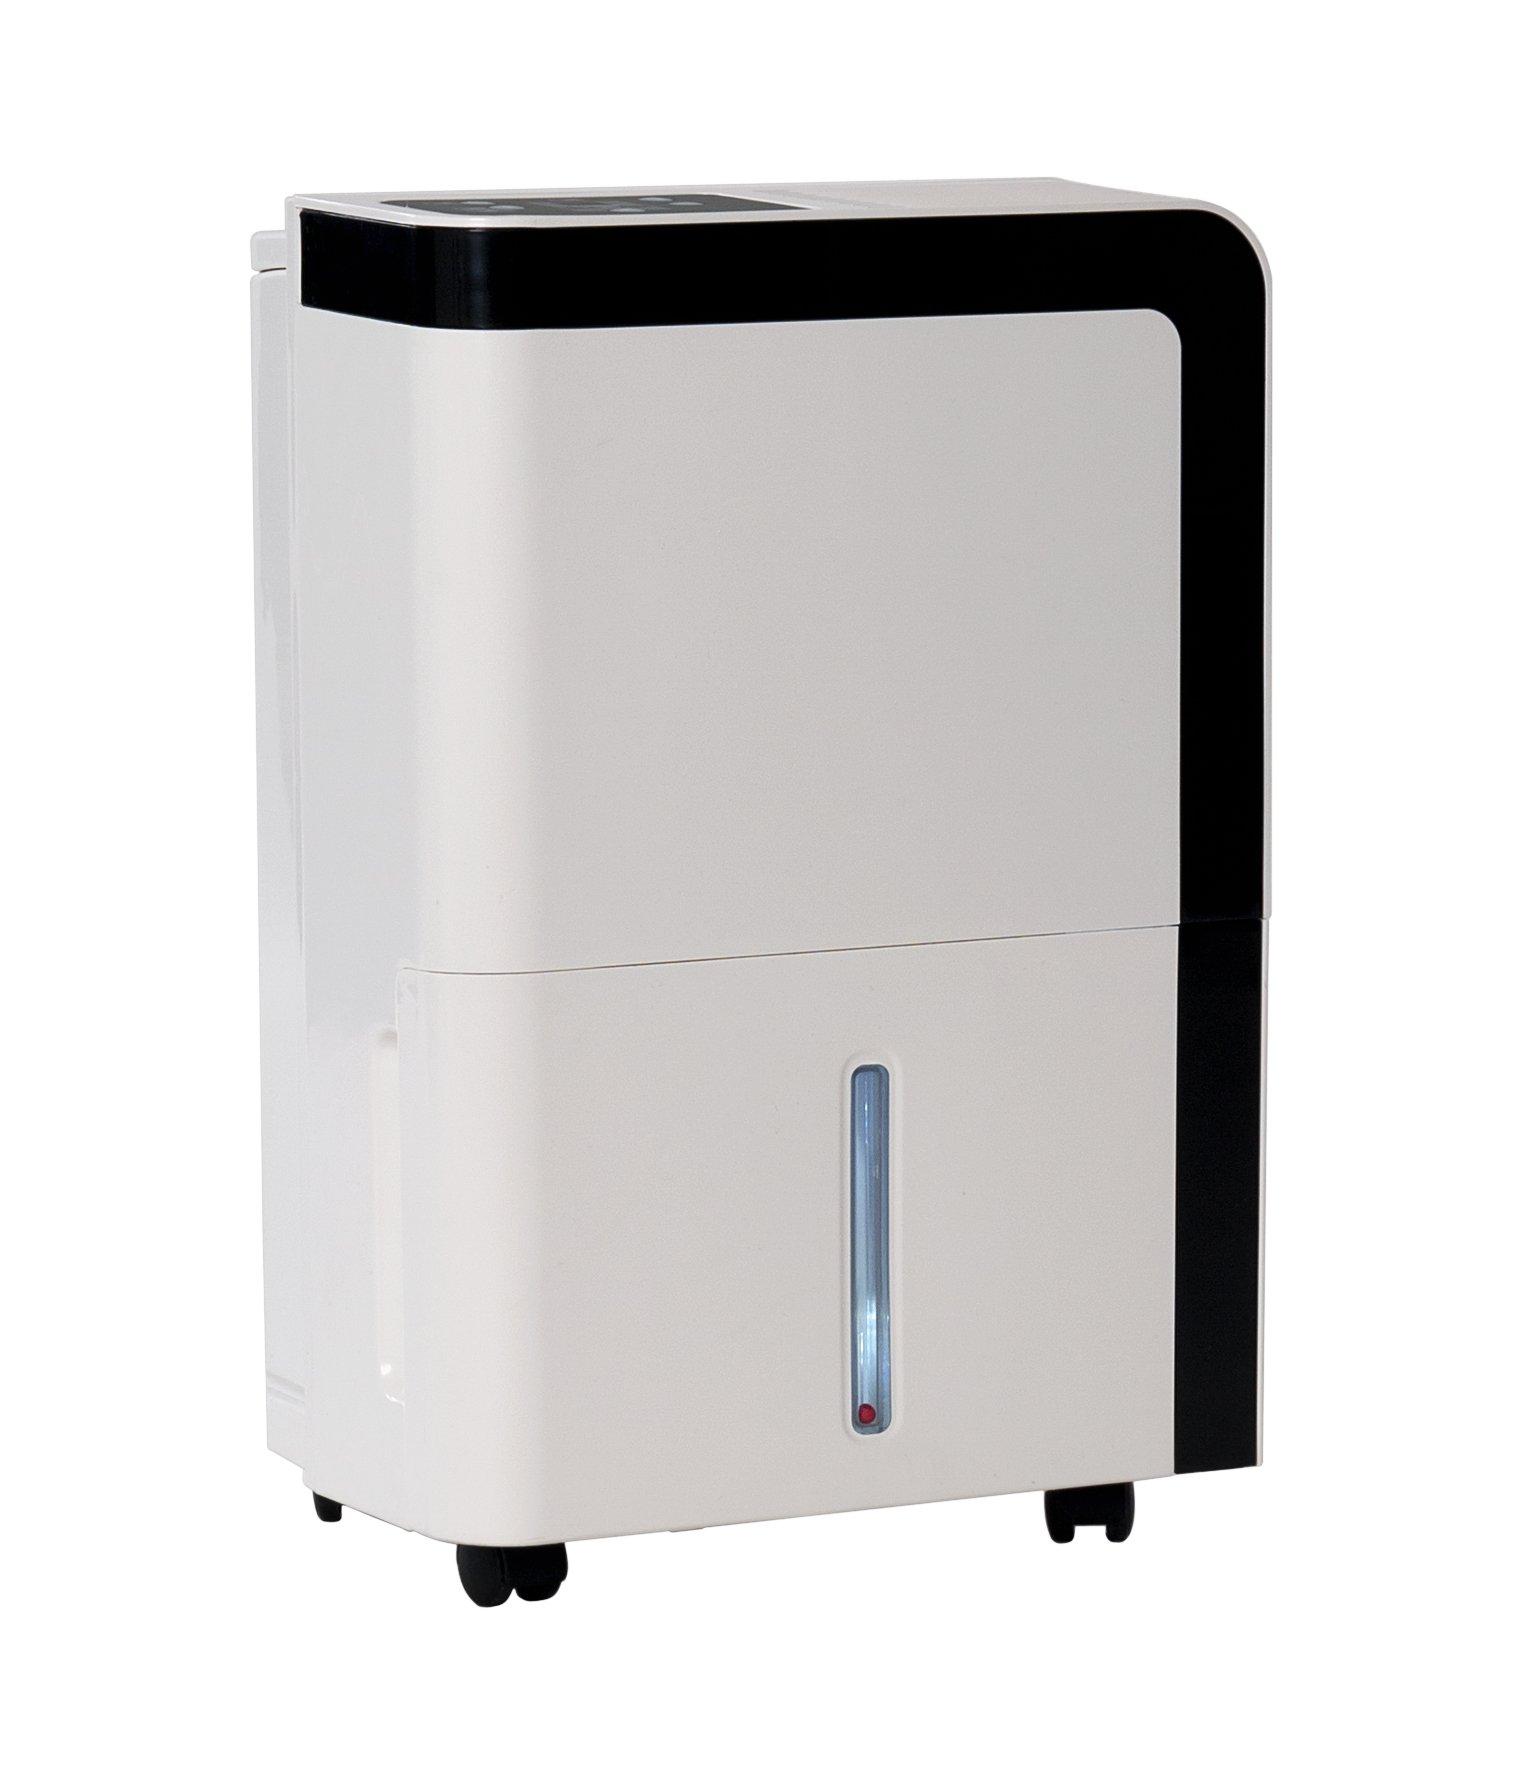 Comfee MDF2-20DEN3 - Deshumidificador de aire product image